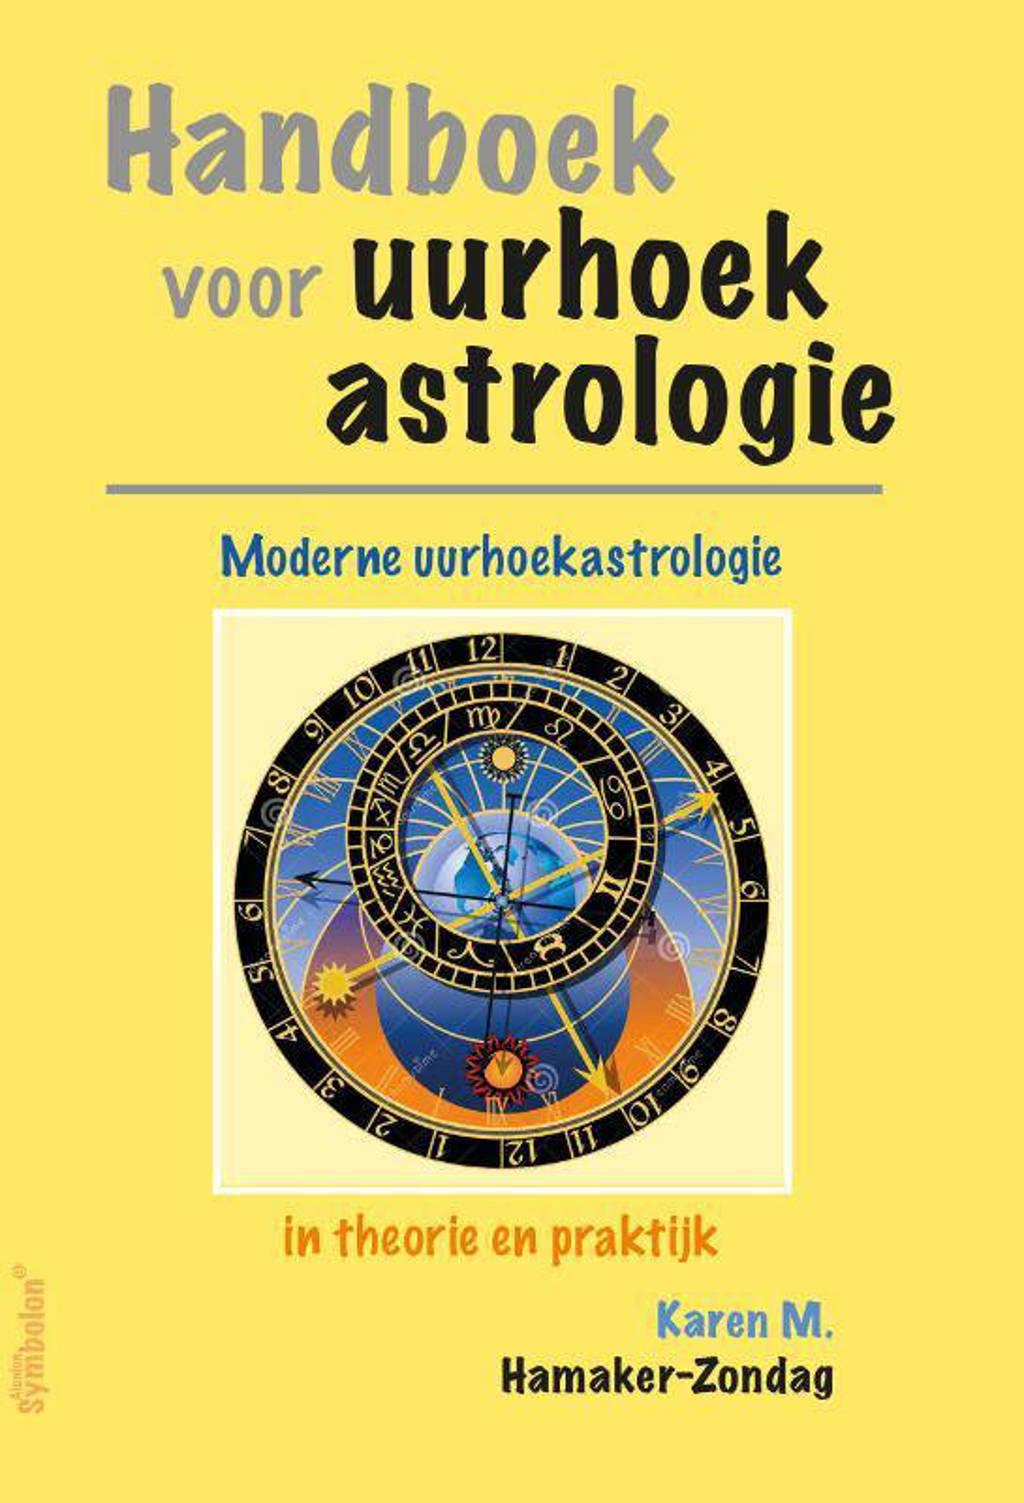 Handboek voor uurhoekastrologie - Karen Hamaker-Zondag